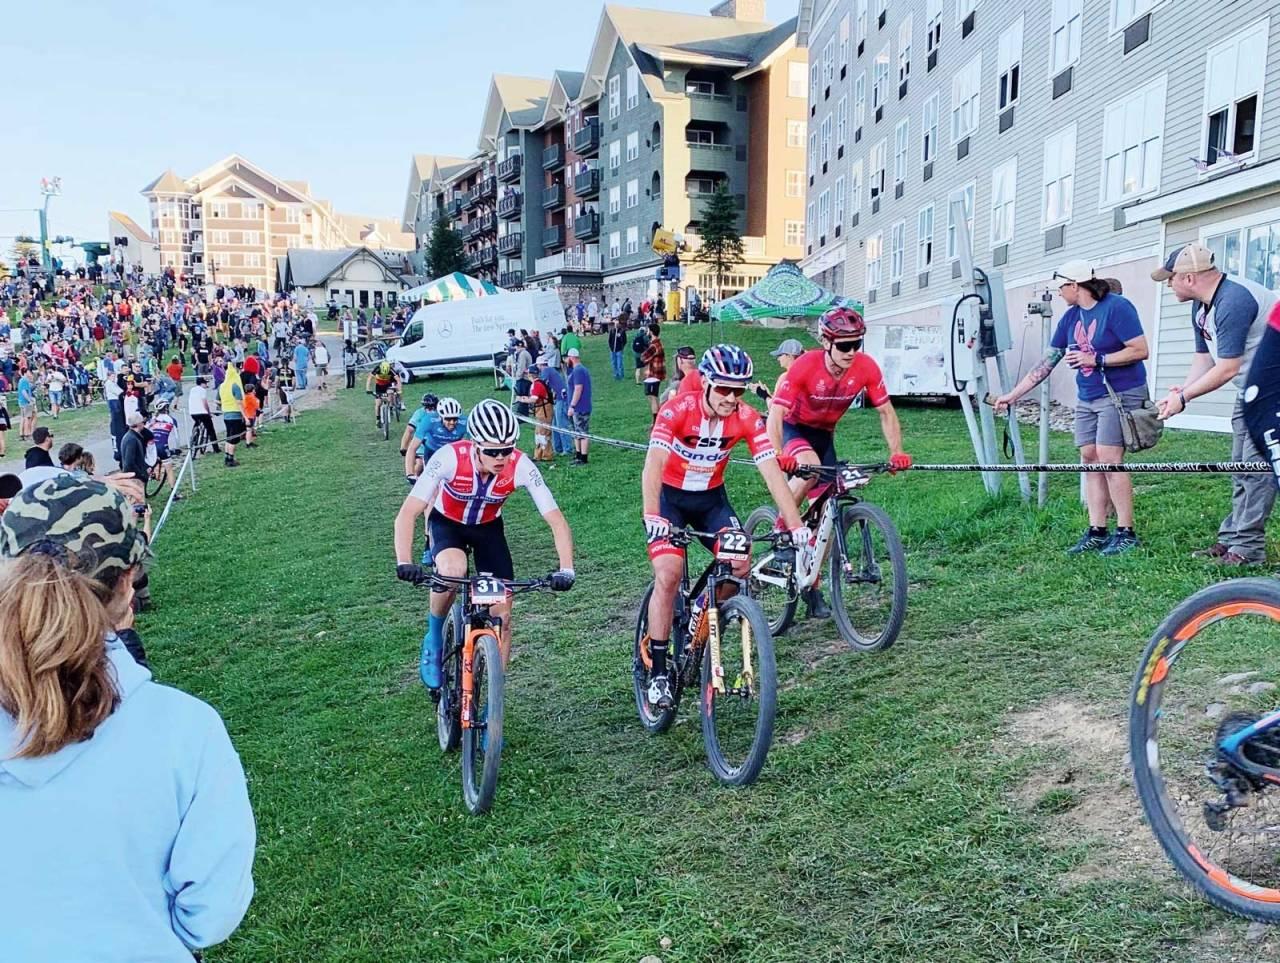 VEIEN MOT OL: Norge har levert over alle forventninger i terrengsykling denne sesongen. Her ved Erik Hægstad under kortbanerittet i Snowshoe, USA. Foto: Eddy Knudsen Storsæter